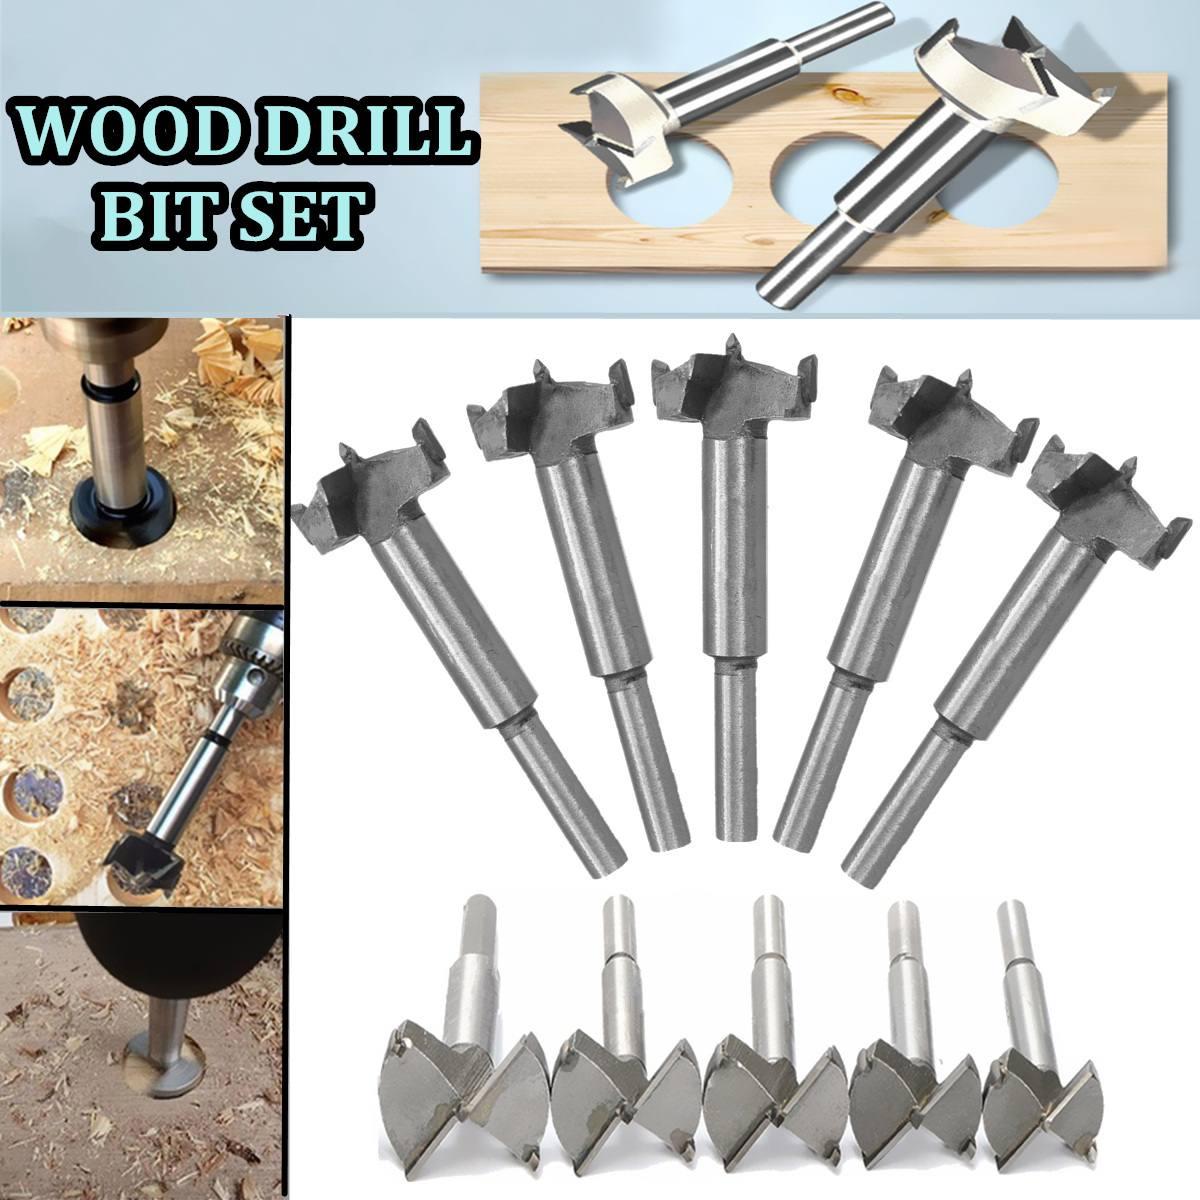 1 piezas 14mm-65mm bisagra Forstner broca Forstner madera broca autocentrante agujero VI cortador trabajo de la madera herramientas